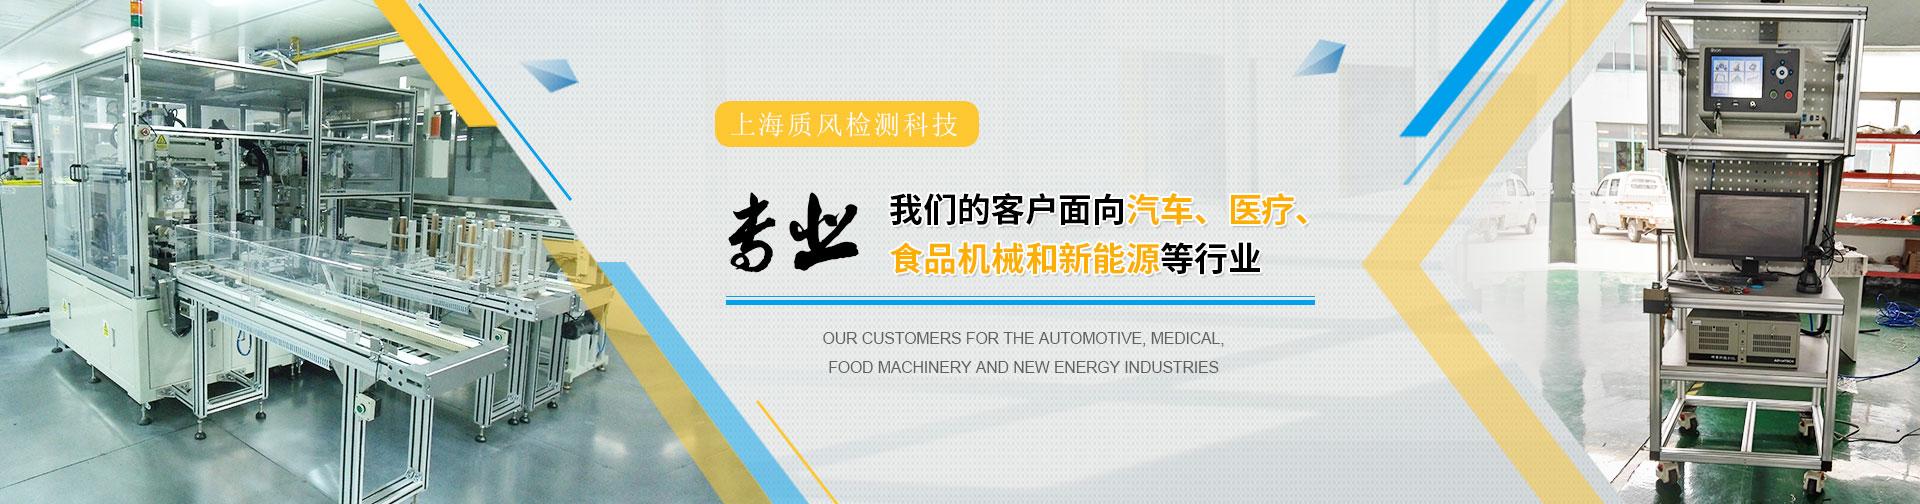 新能源检测设备